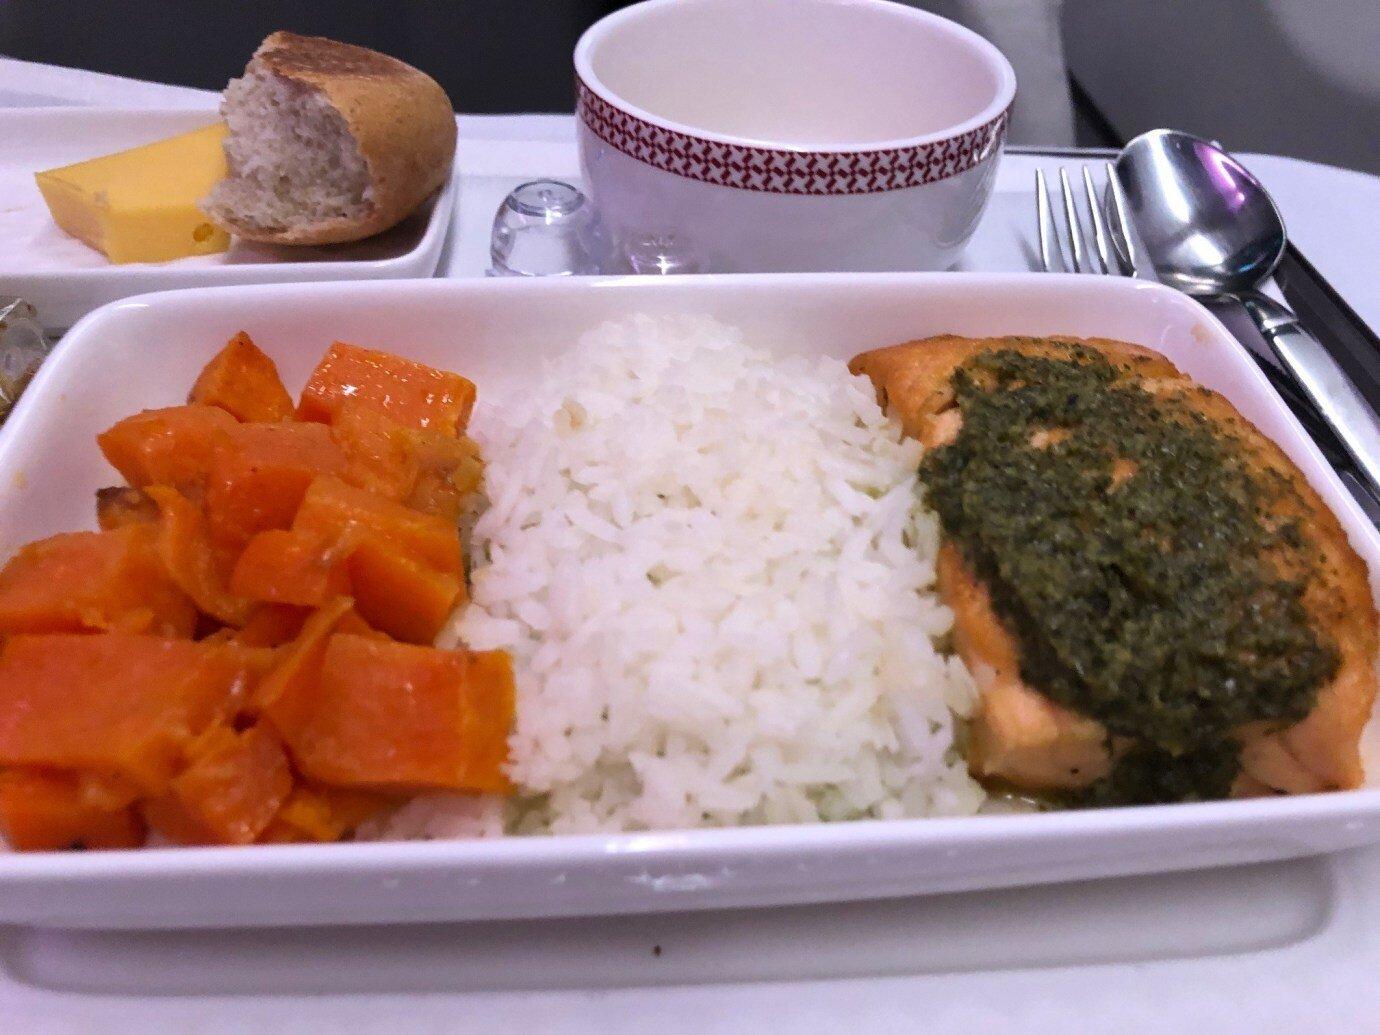 我選擇青醬鮭魚主菜,旁邊配菜是焗烤蕃薯,味道中規中矩